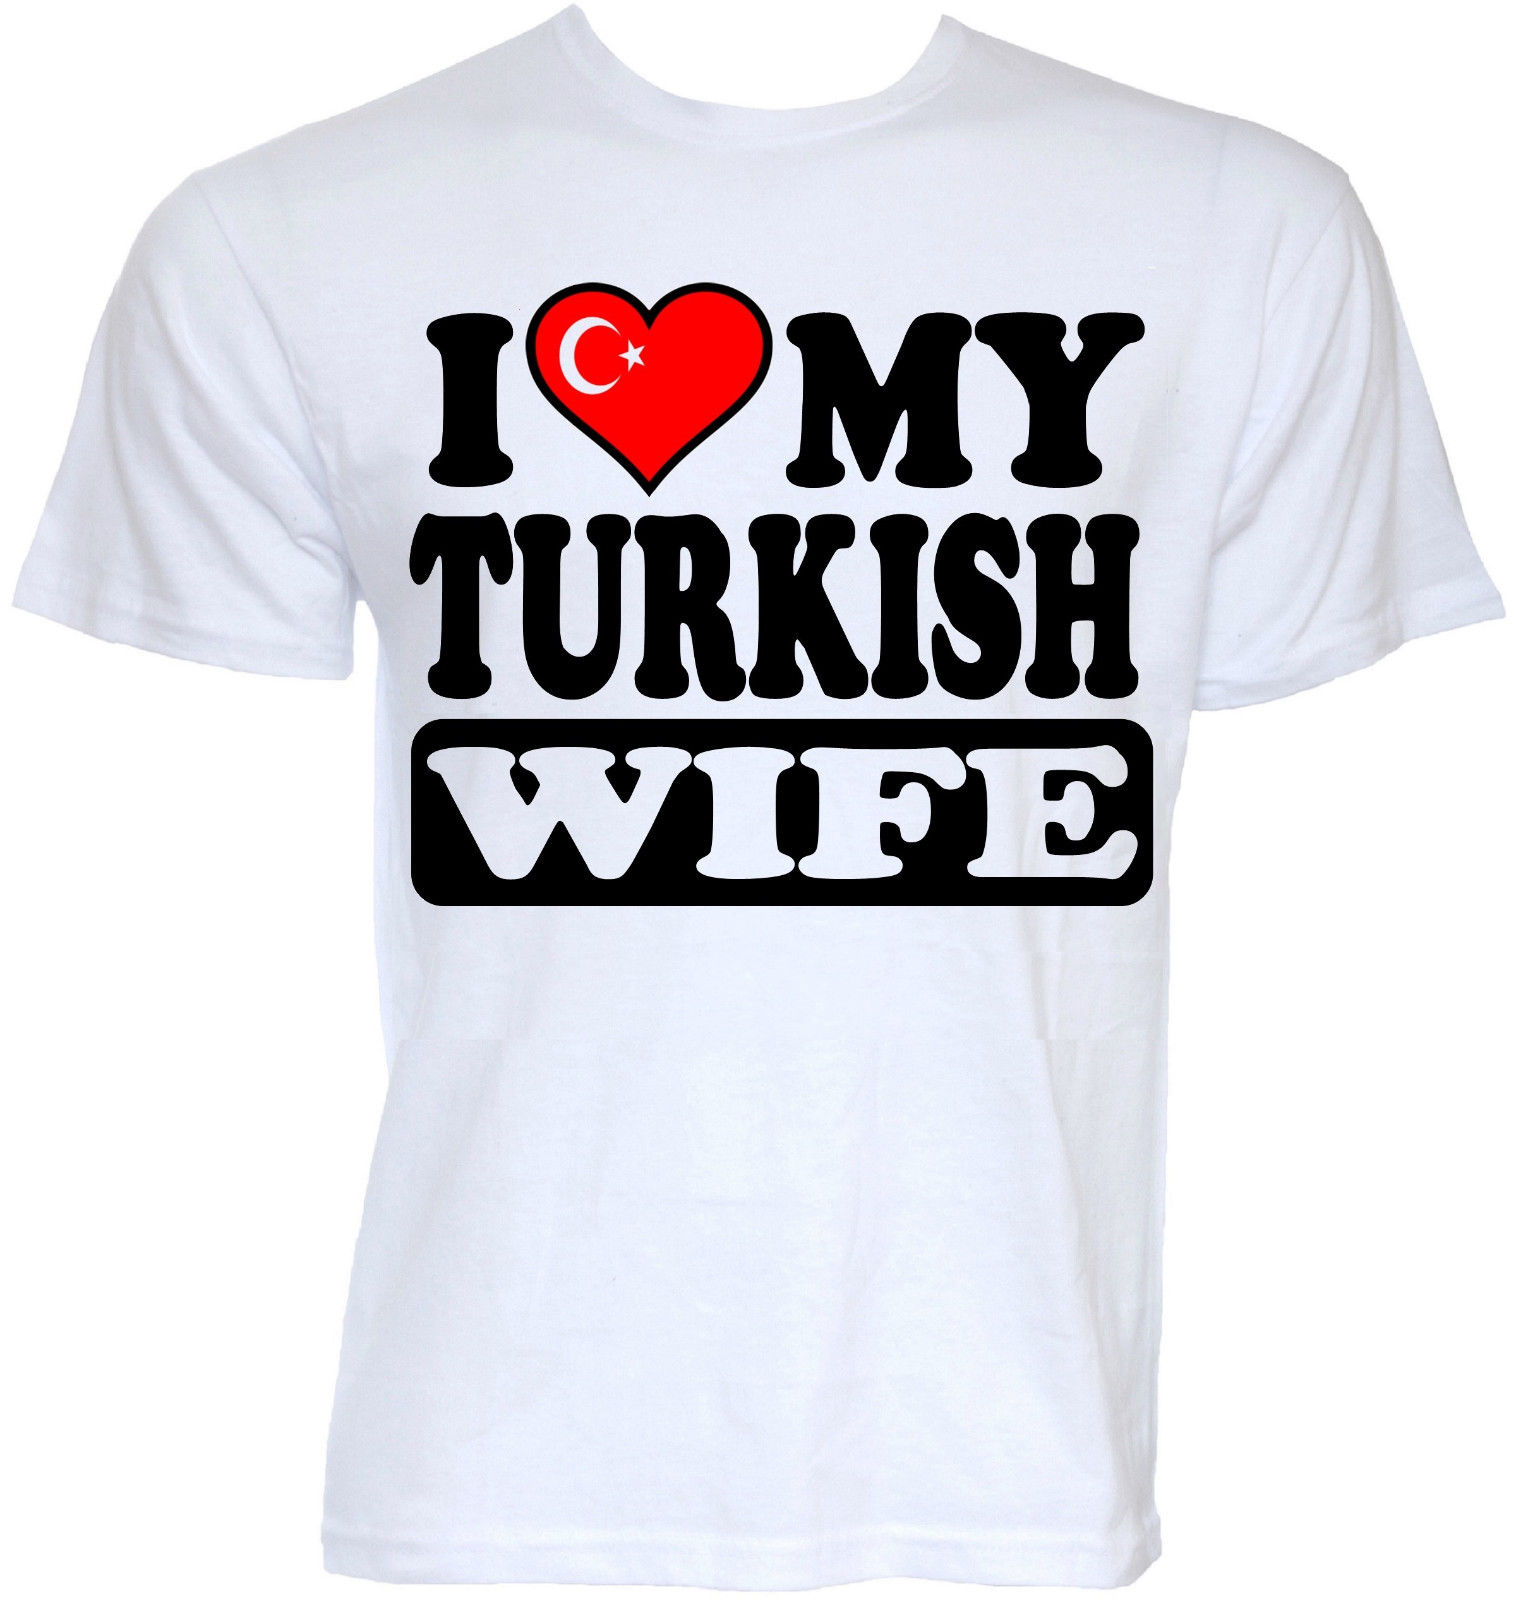 Camisetas de moda para hombre, divertidas, geniales, novedosas, turcas, esposa, pavo, bandera, broma, grosero, eslogan, regalos, camisetas de verano, 100% recta, algodón